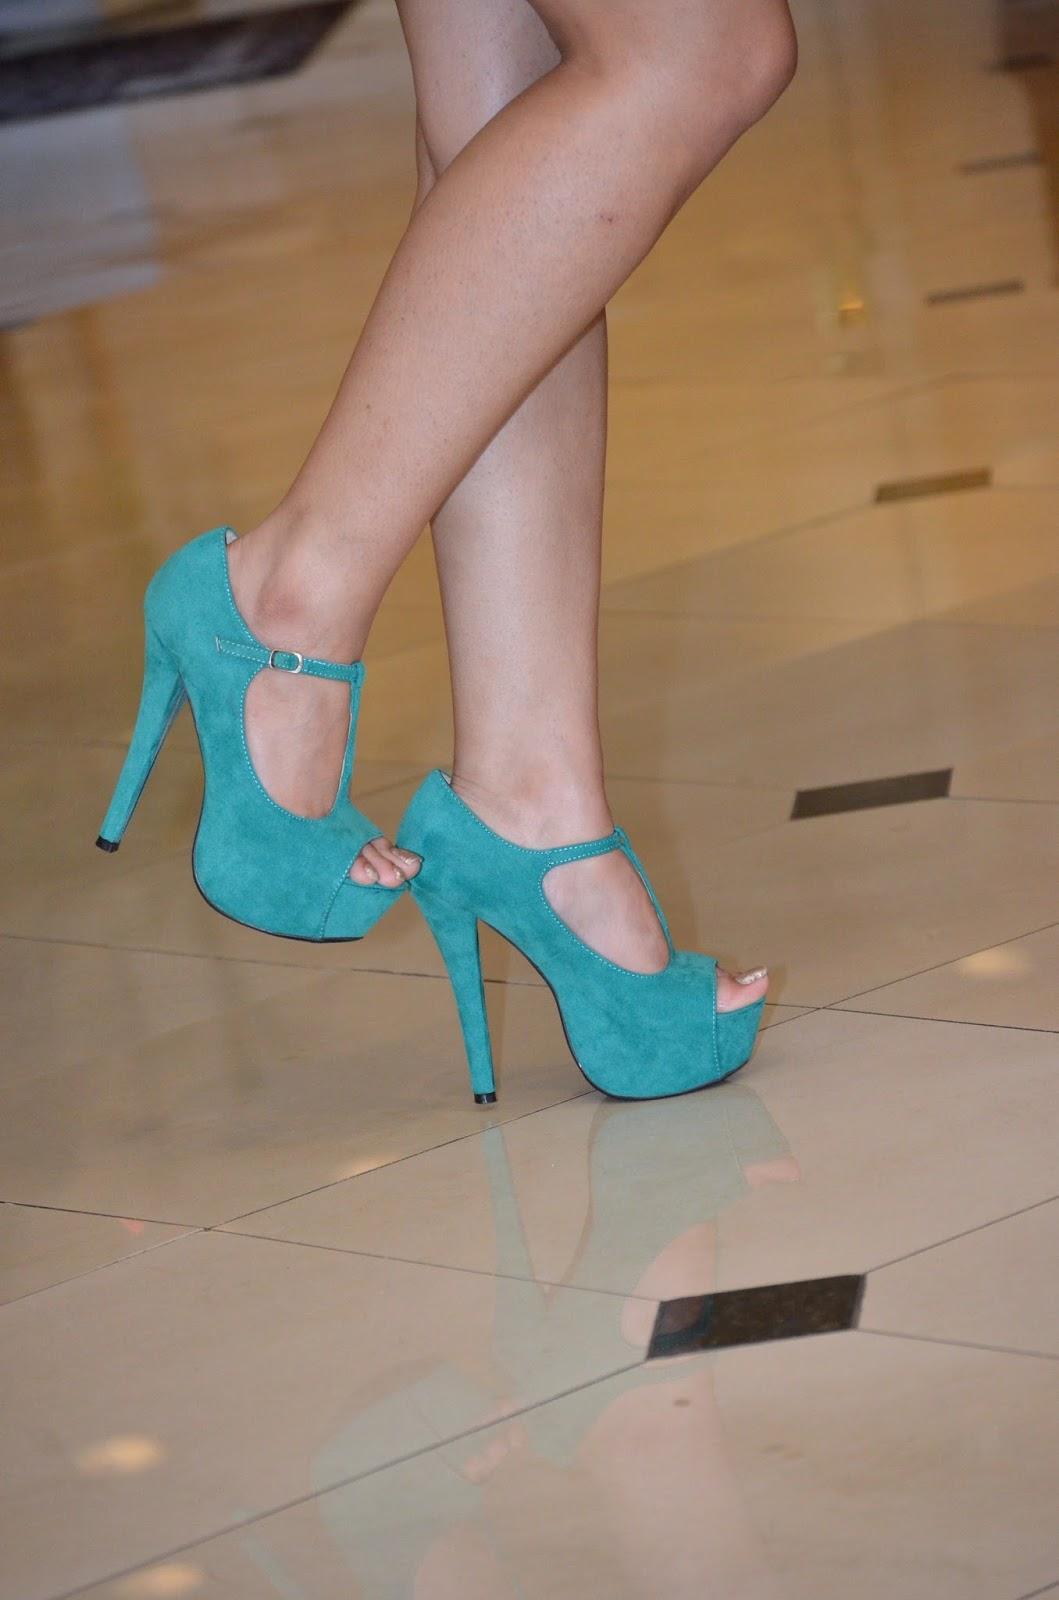 Peplum Skirt/ Green Shoes